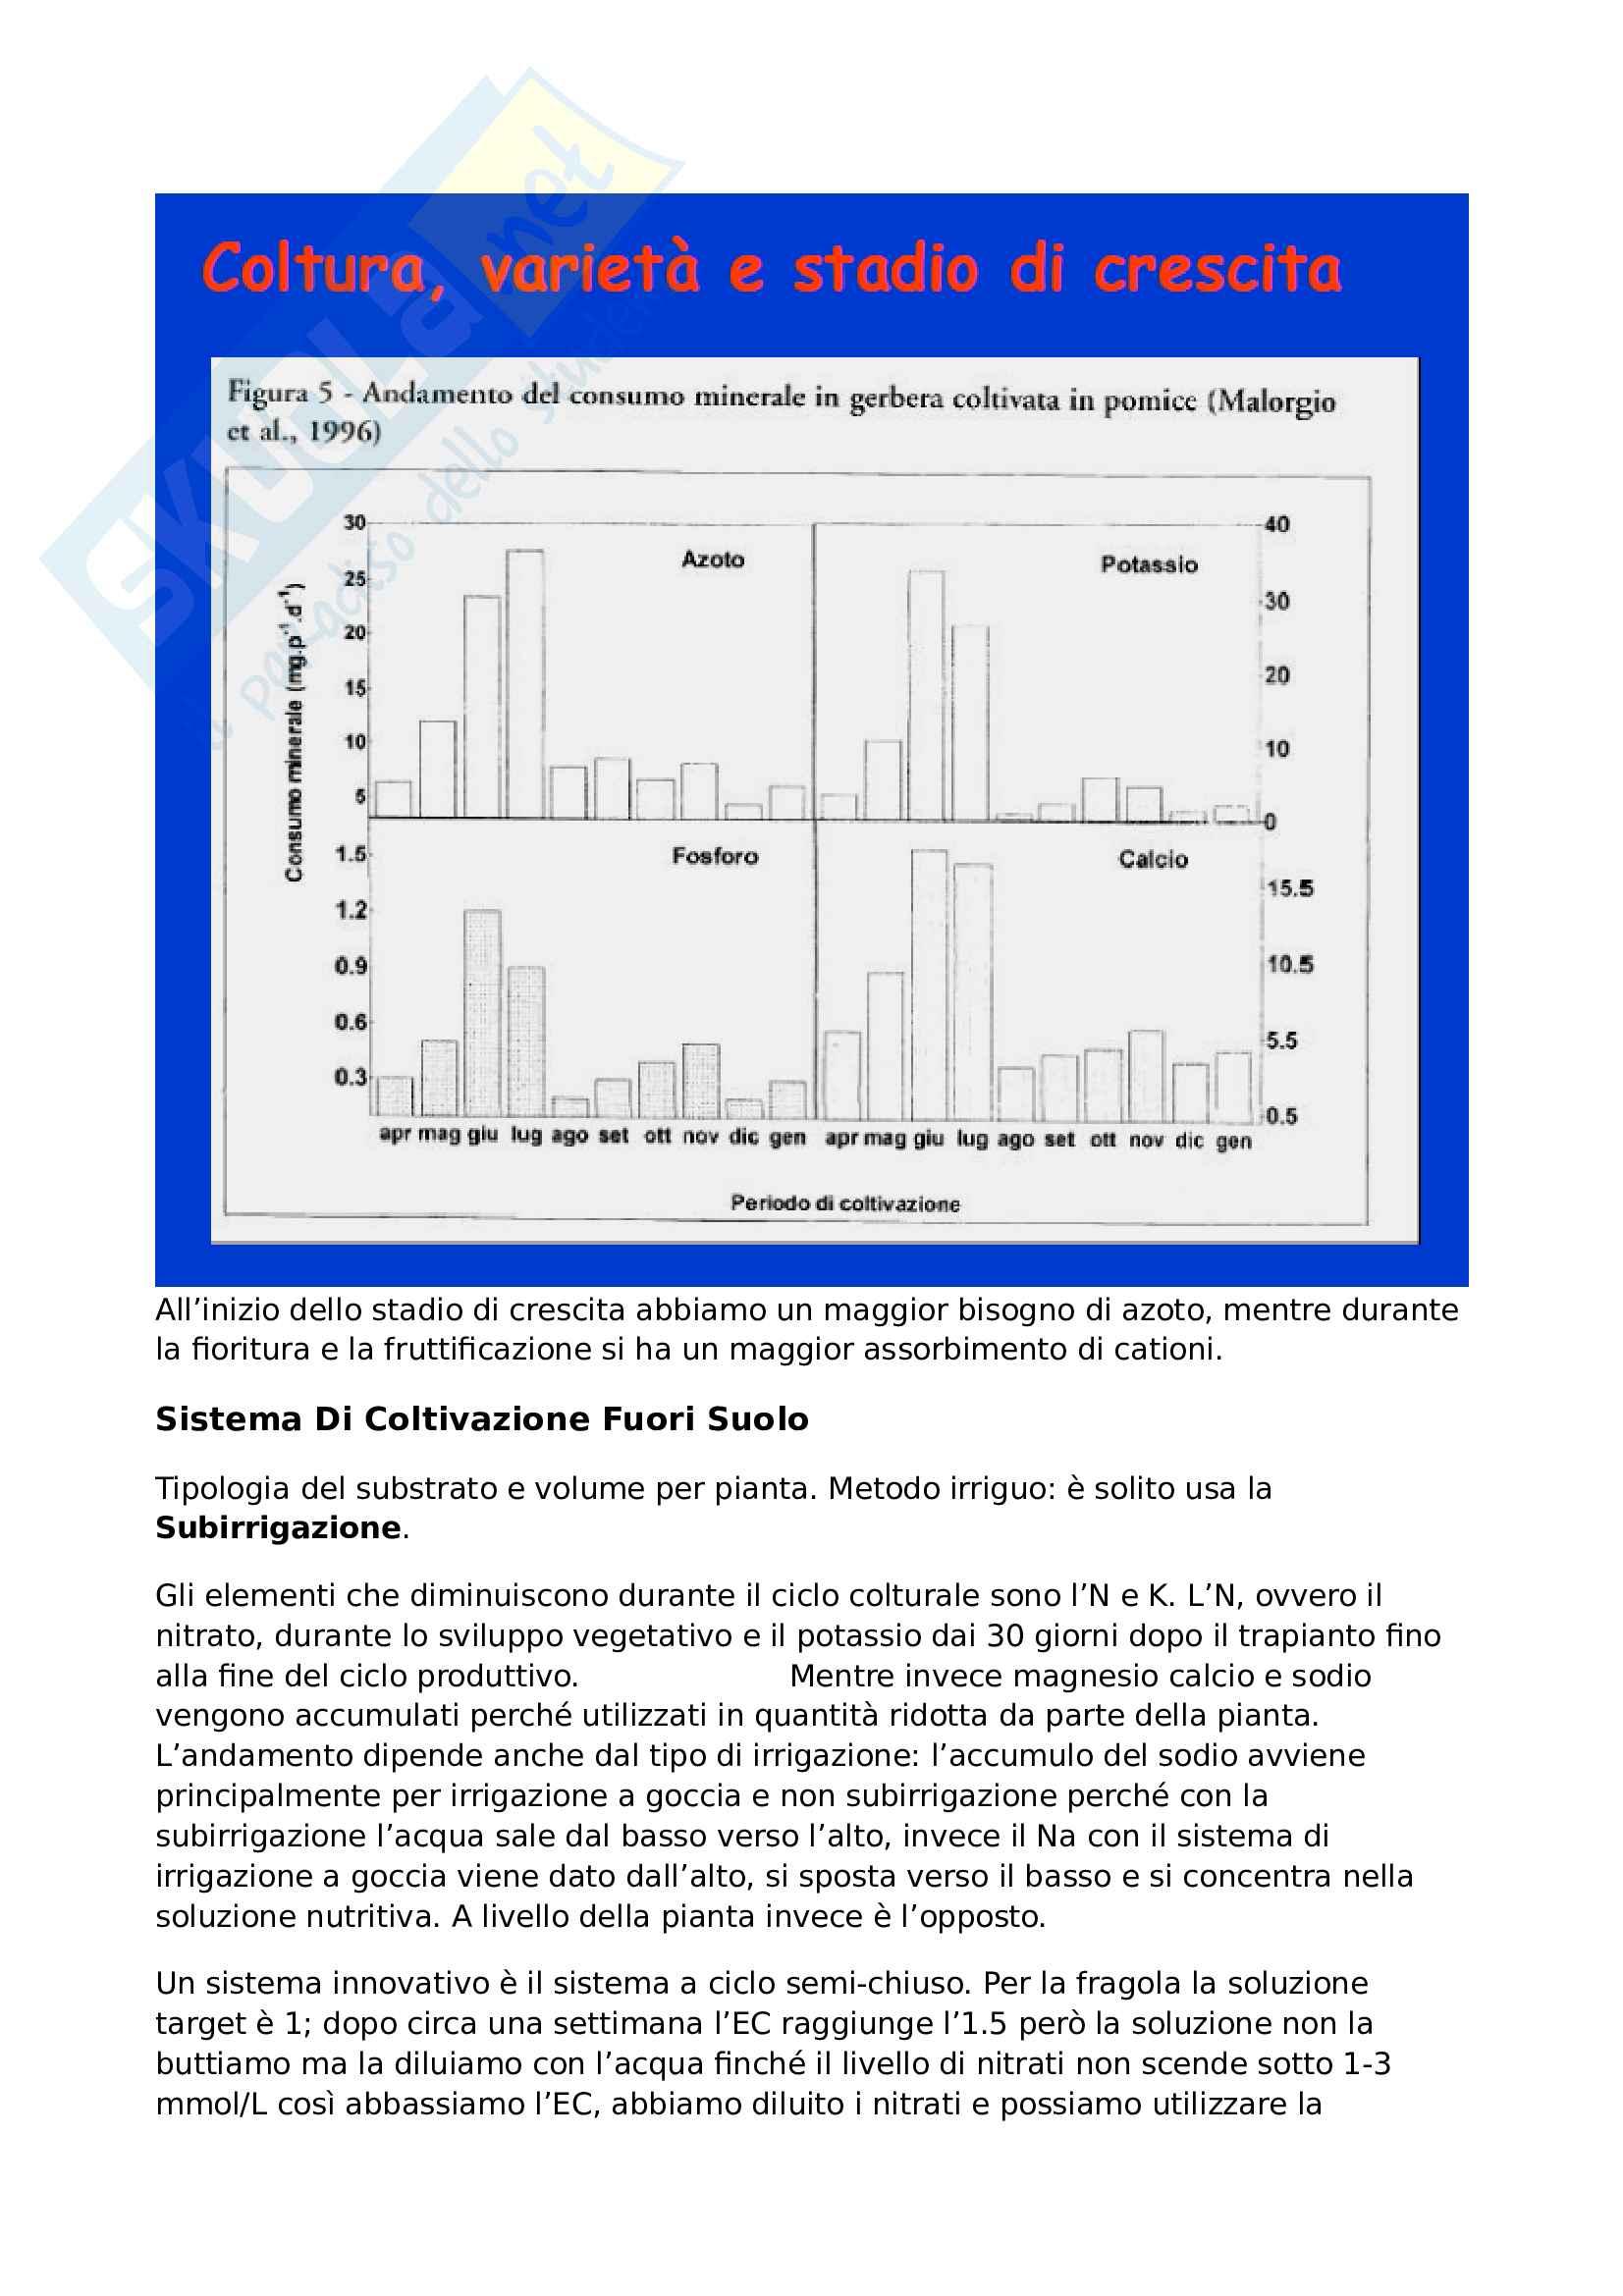 Sistemi ortofloricoli - Soluzione nutritiva Pag. 11